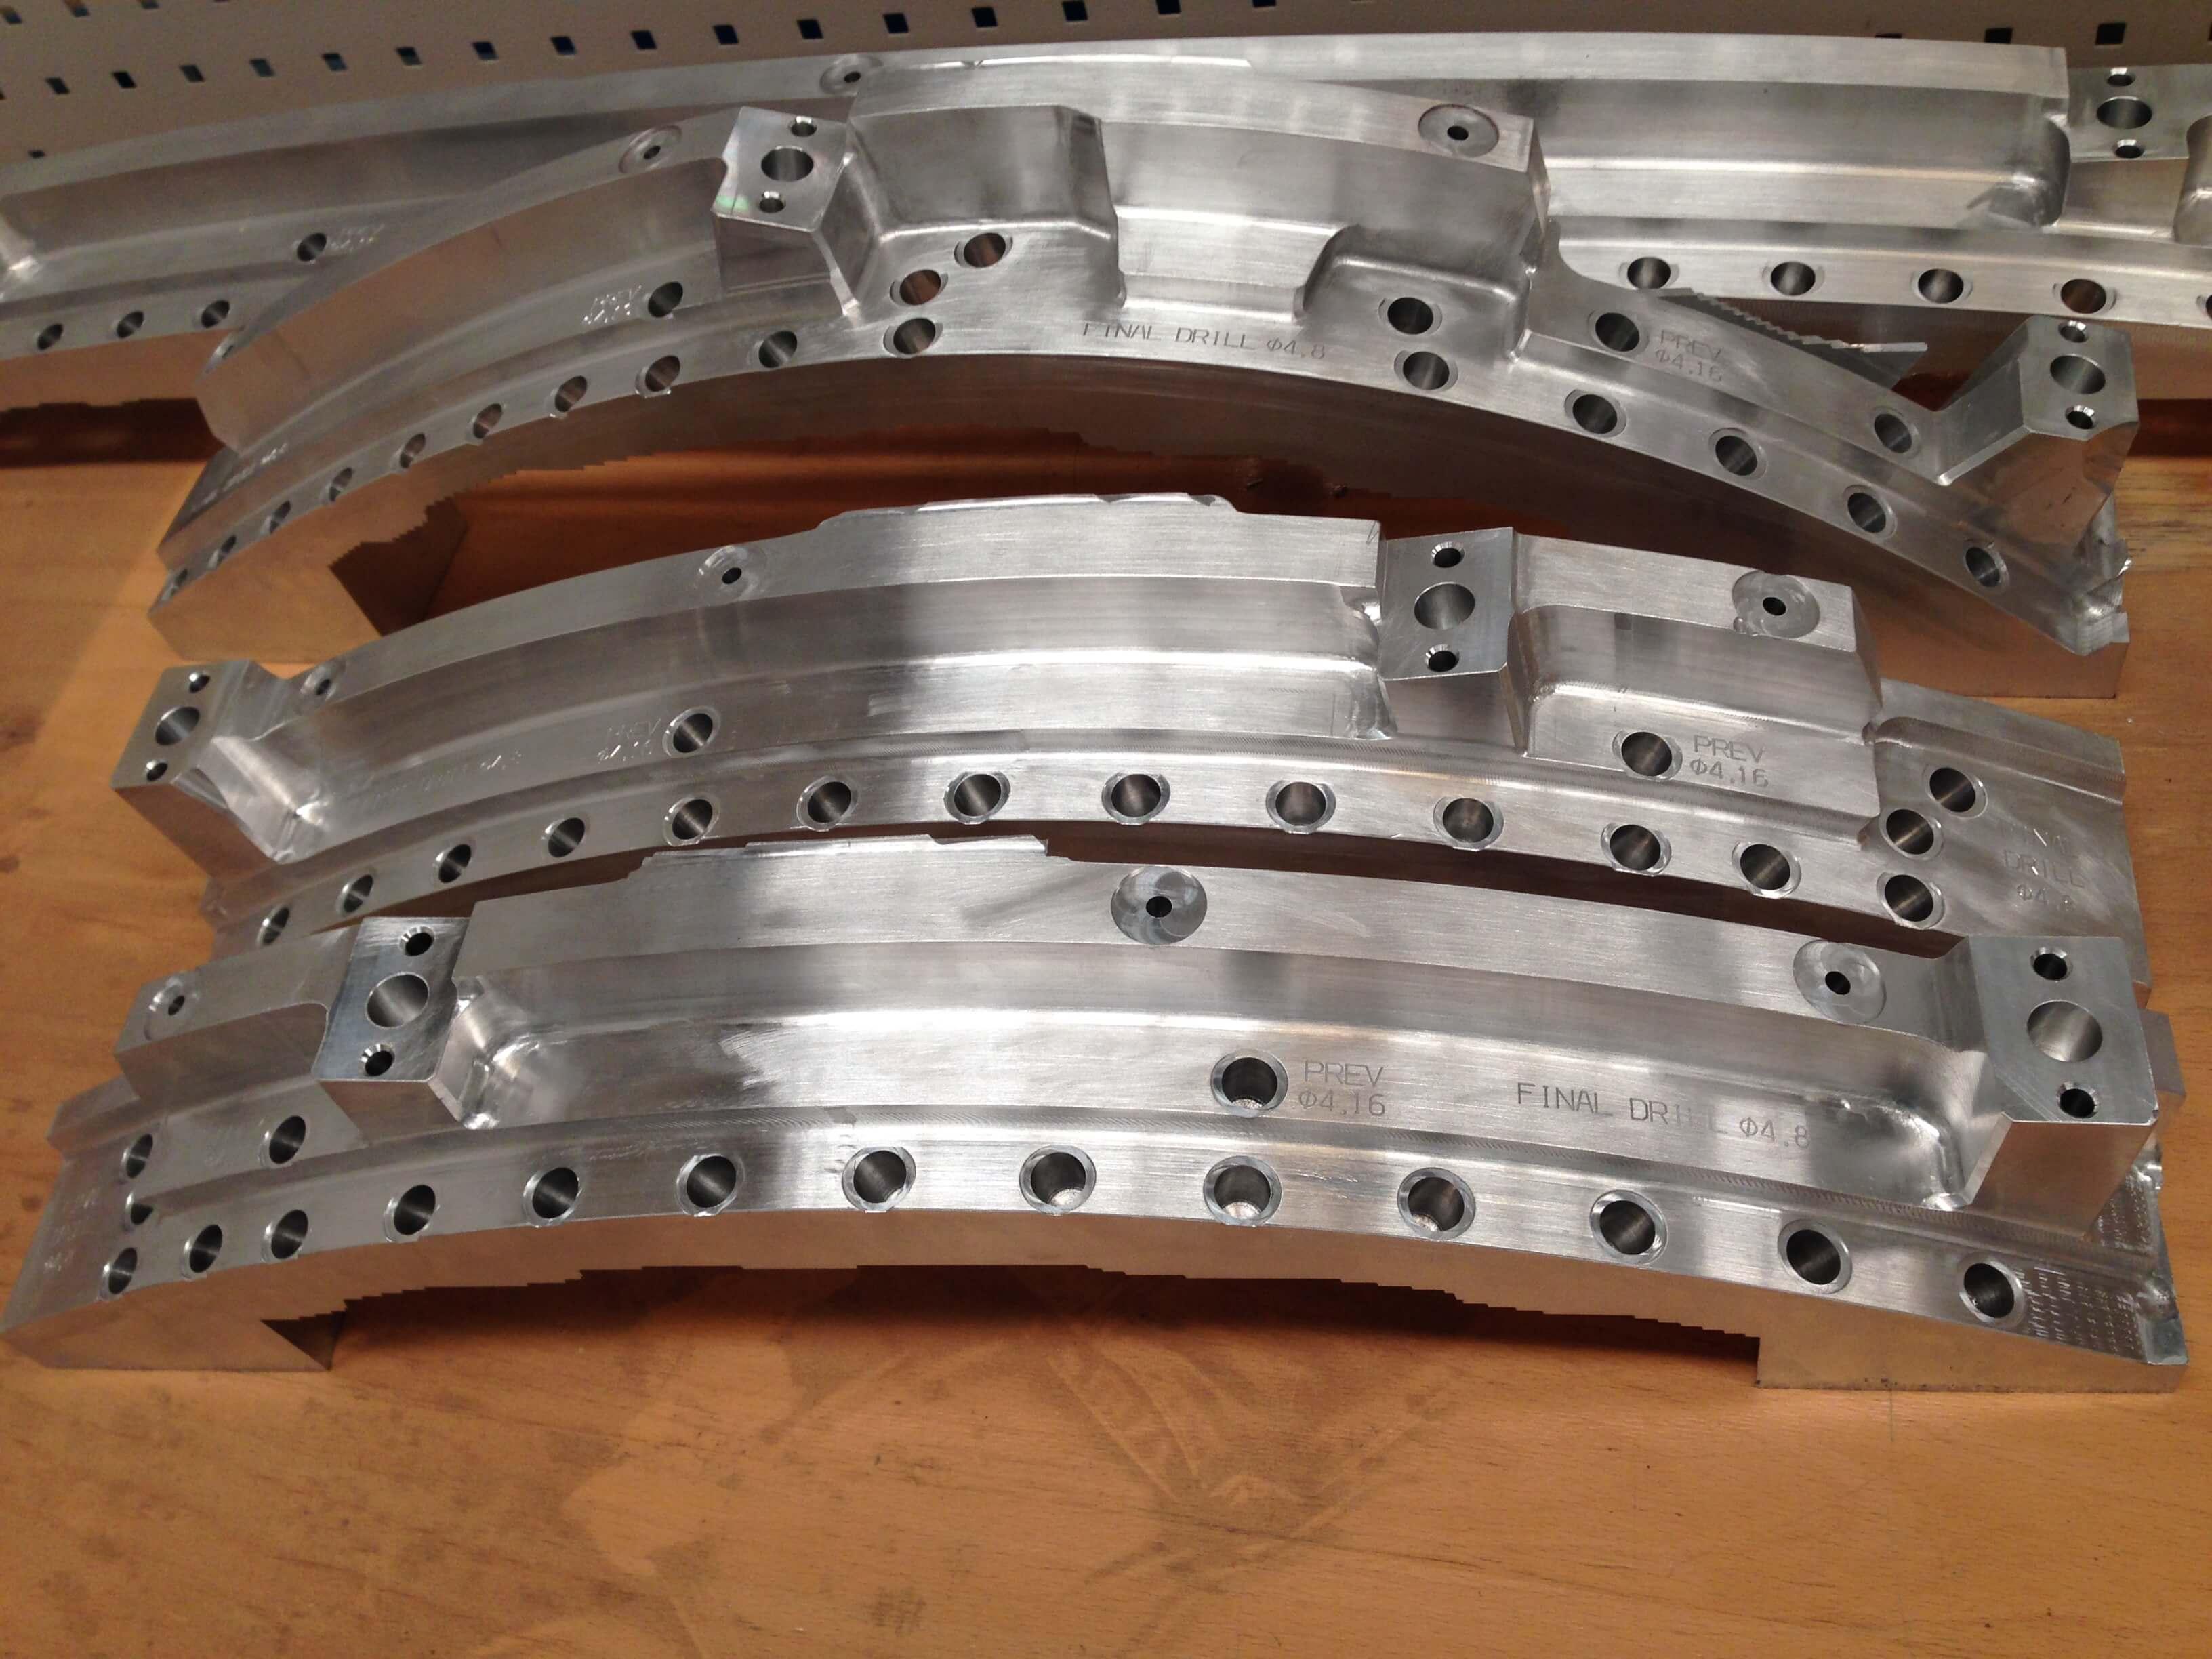 IMG 1651 - Plantillas de montaje y taladrado